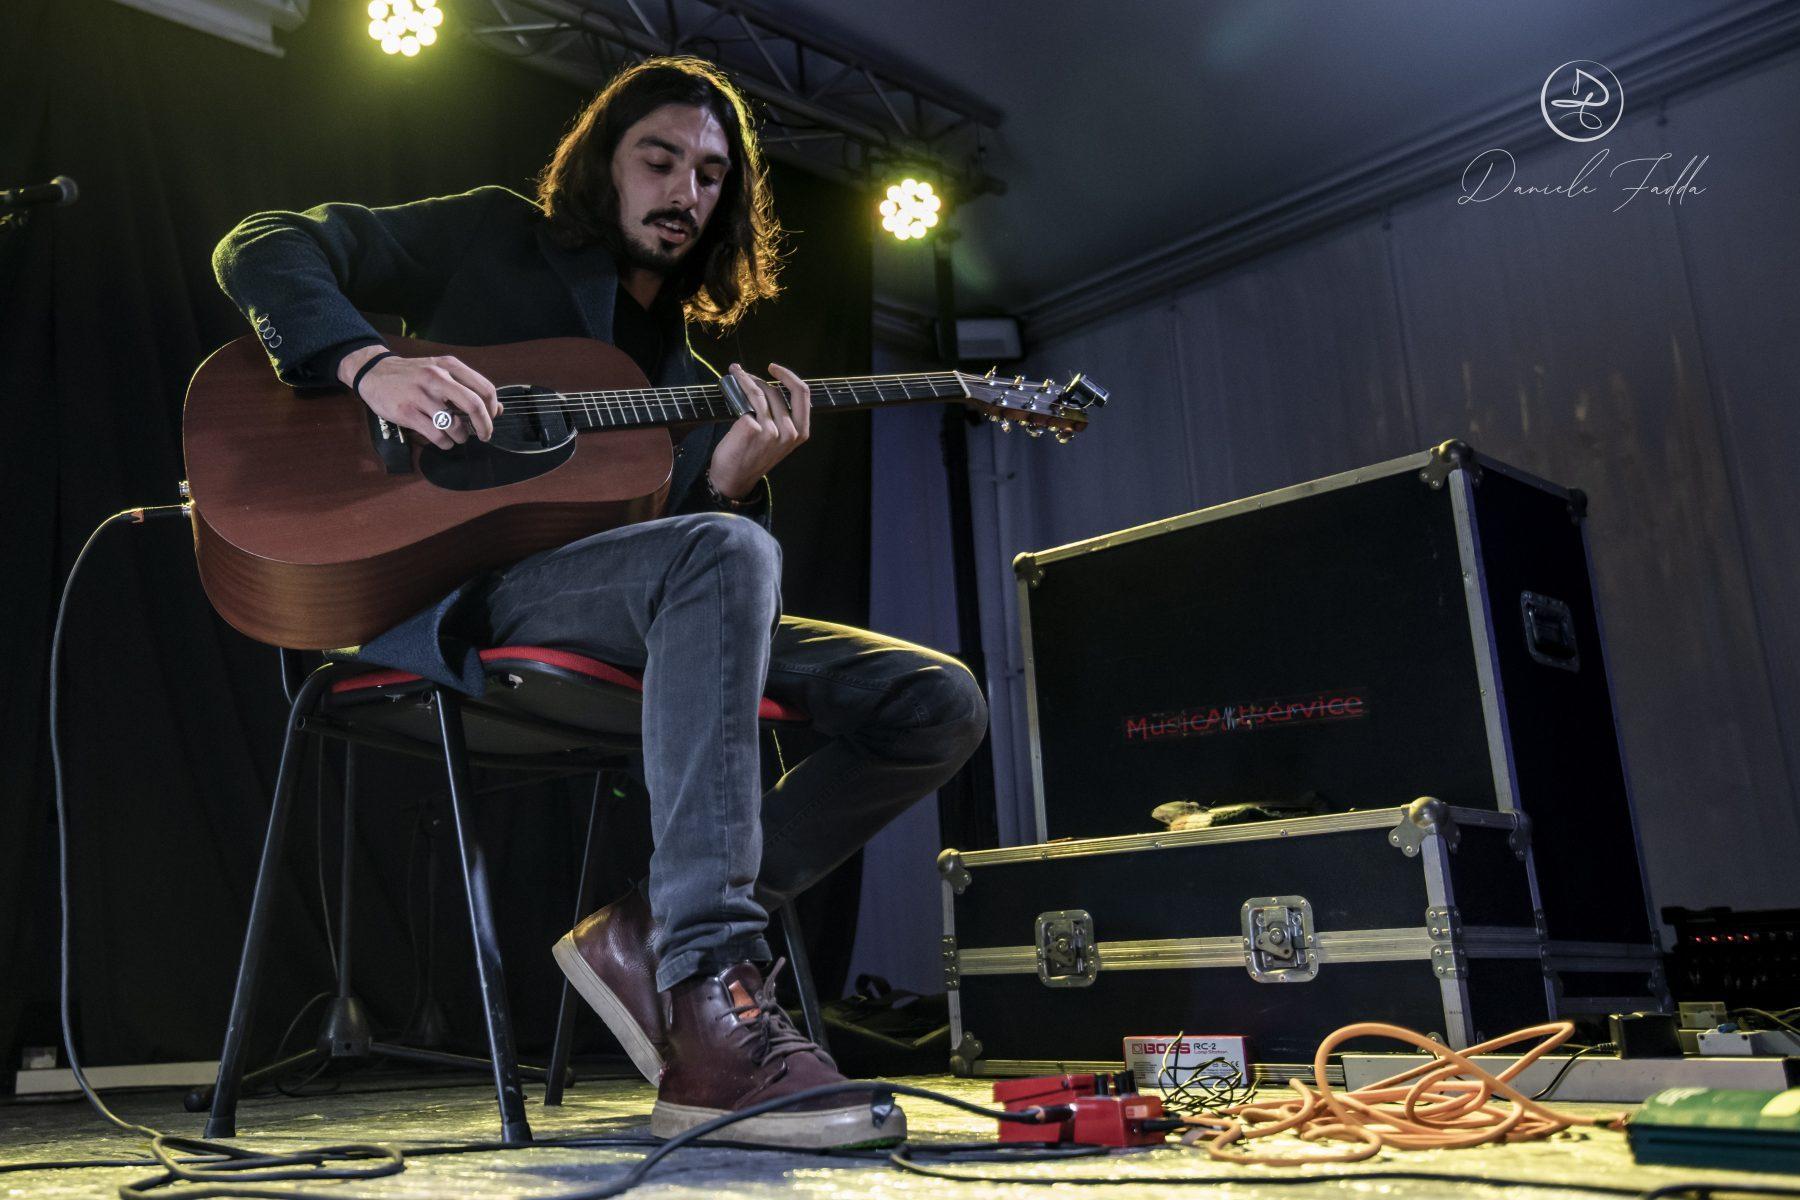 kme - live report - la luna - daniele fadda - sa scena sarda - 2019 - karel music expo